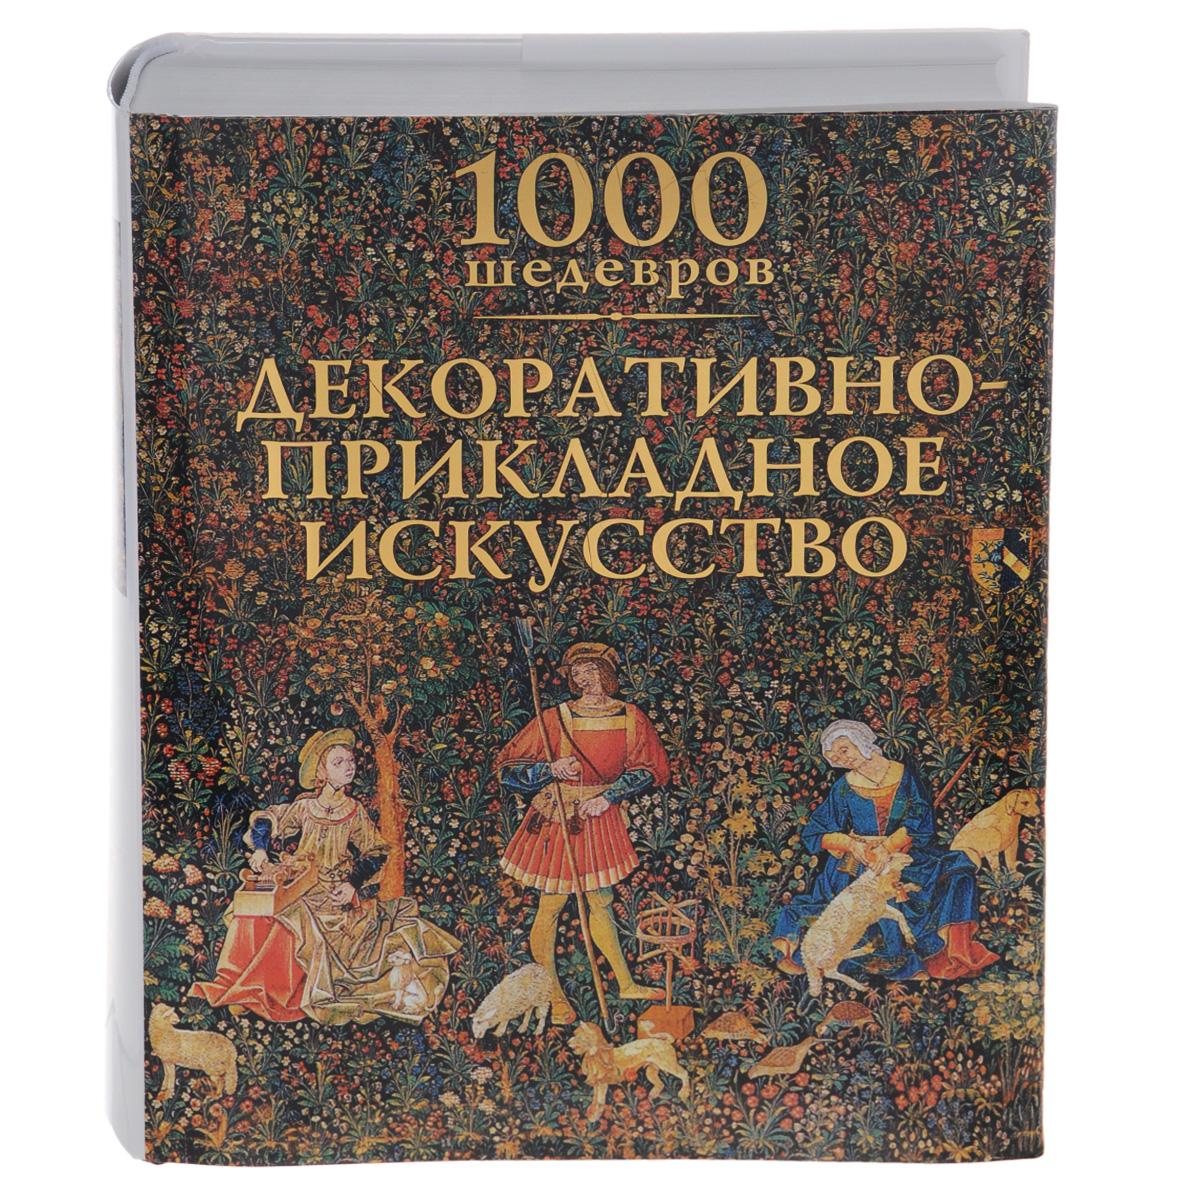 Чарльз Виктория 1000 шедевров. Декоративно-прикладное искусство